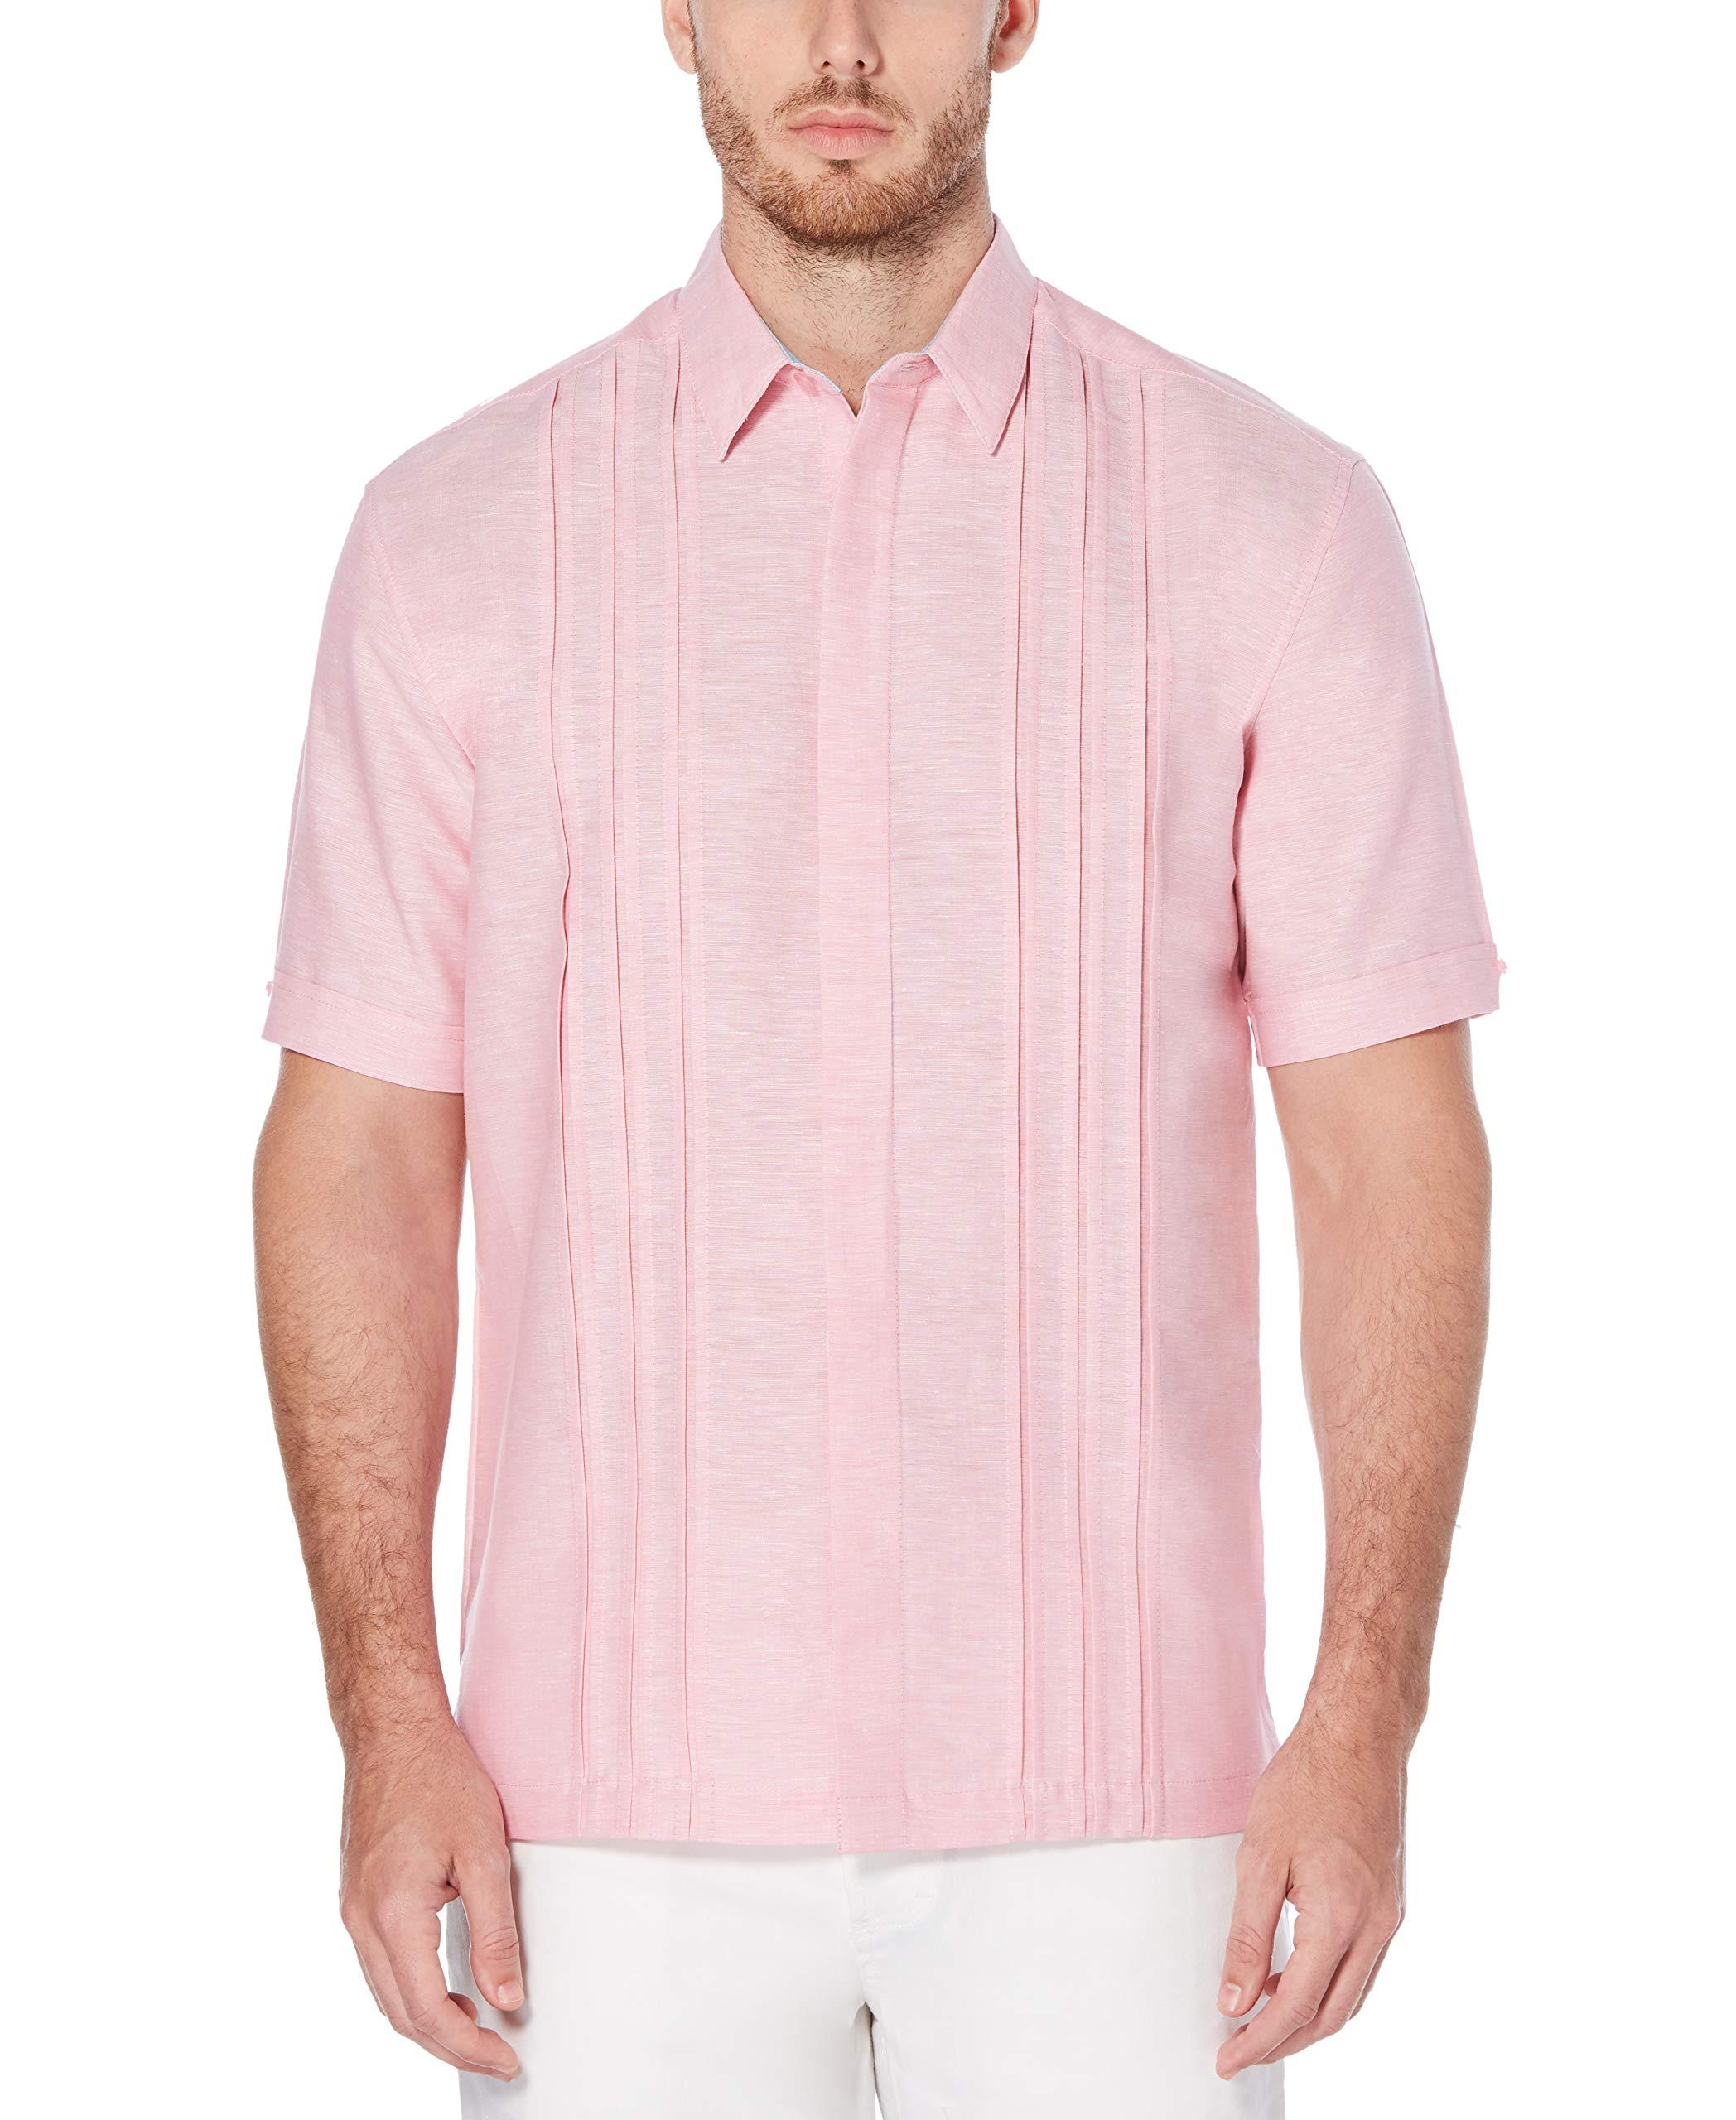 Cubavera Mens Short Sleeve Linen-Blend Button-Down Shirt with Tuck Details